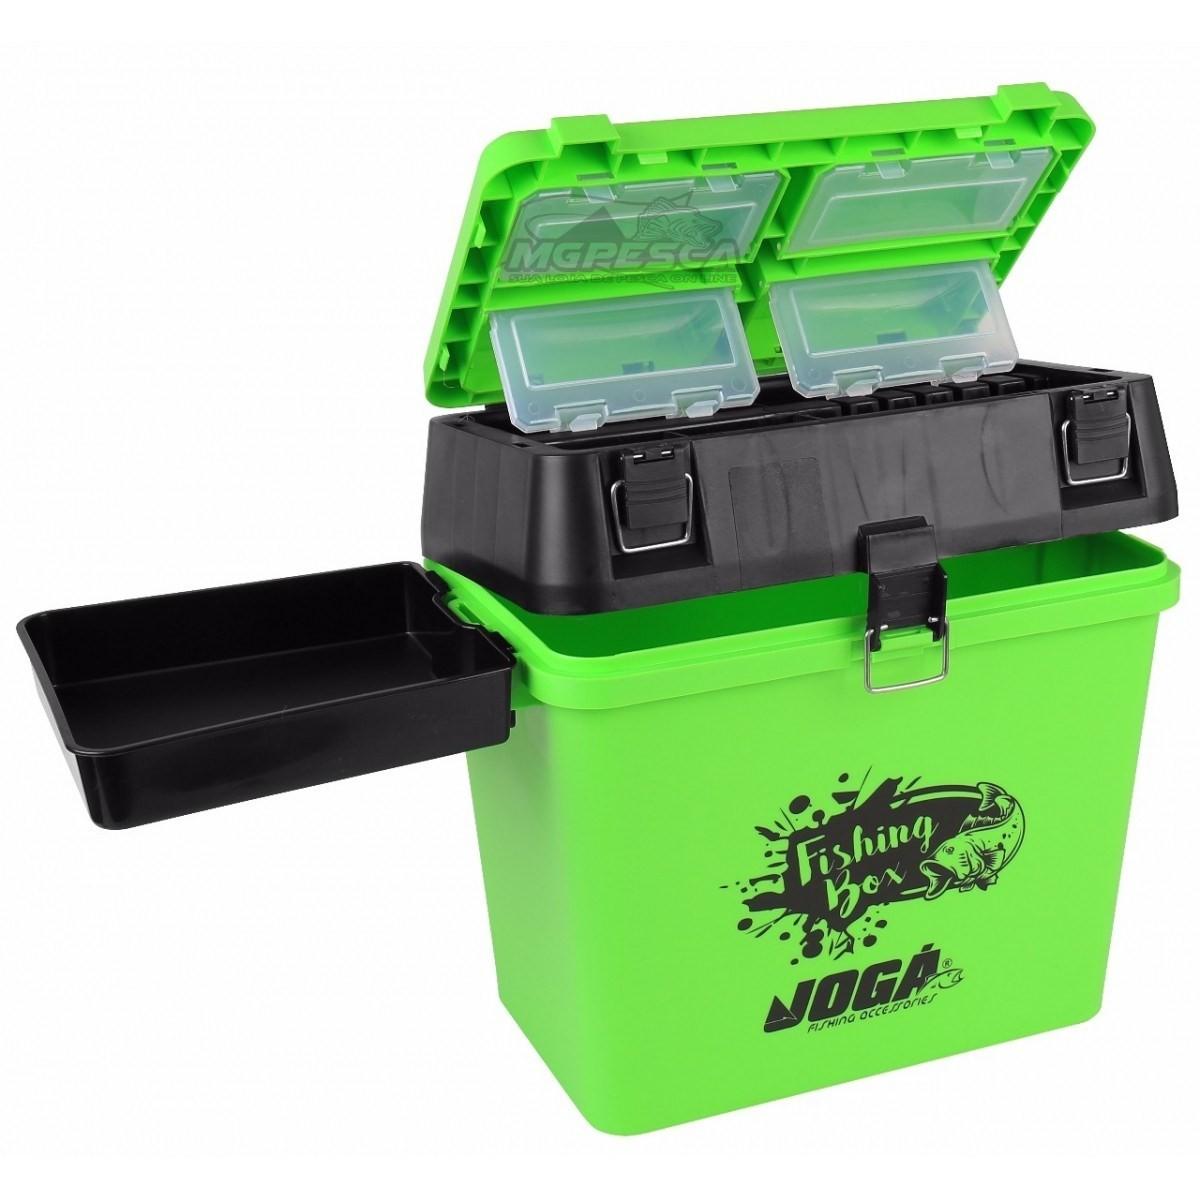 Caixa de Pesca Mochila Jogá Fishing Box  - MGPesca